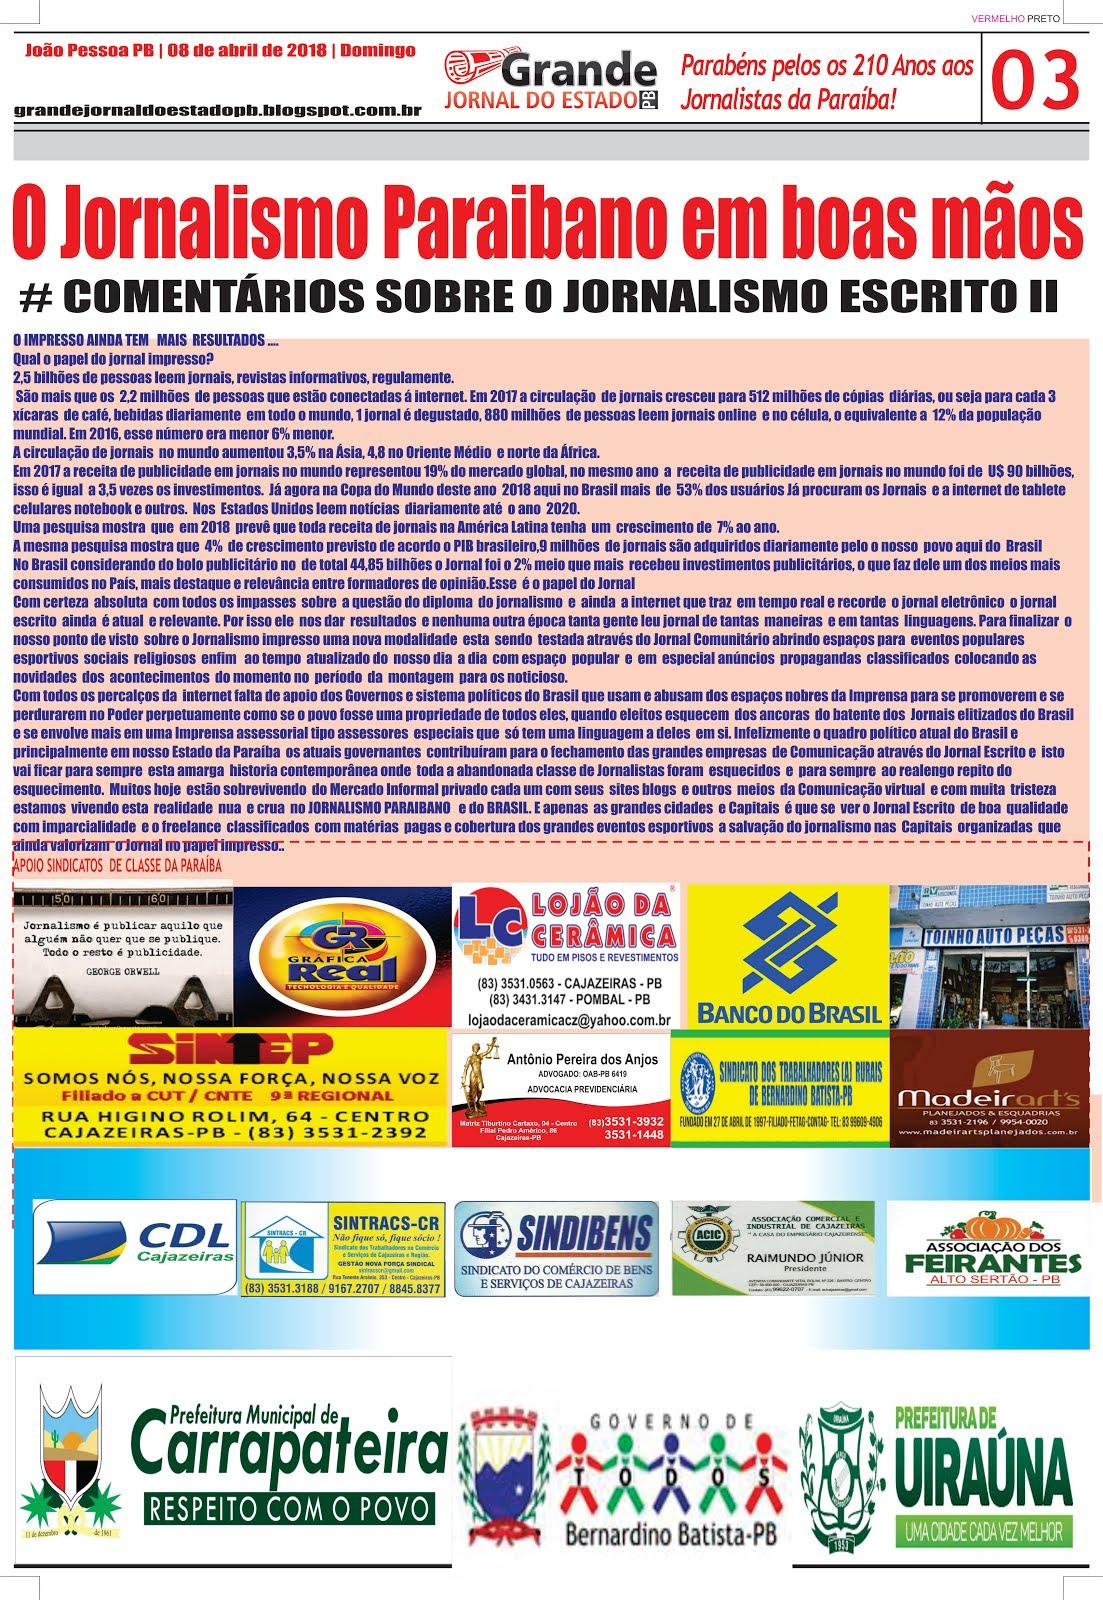 GRANDE JORNAL DO ESTADO  O JORNALISMO ESCRITO RESISTE E PERSISTE  E NÃO  DESISTE